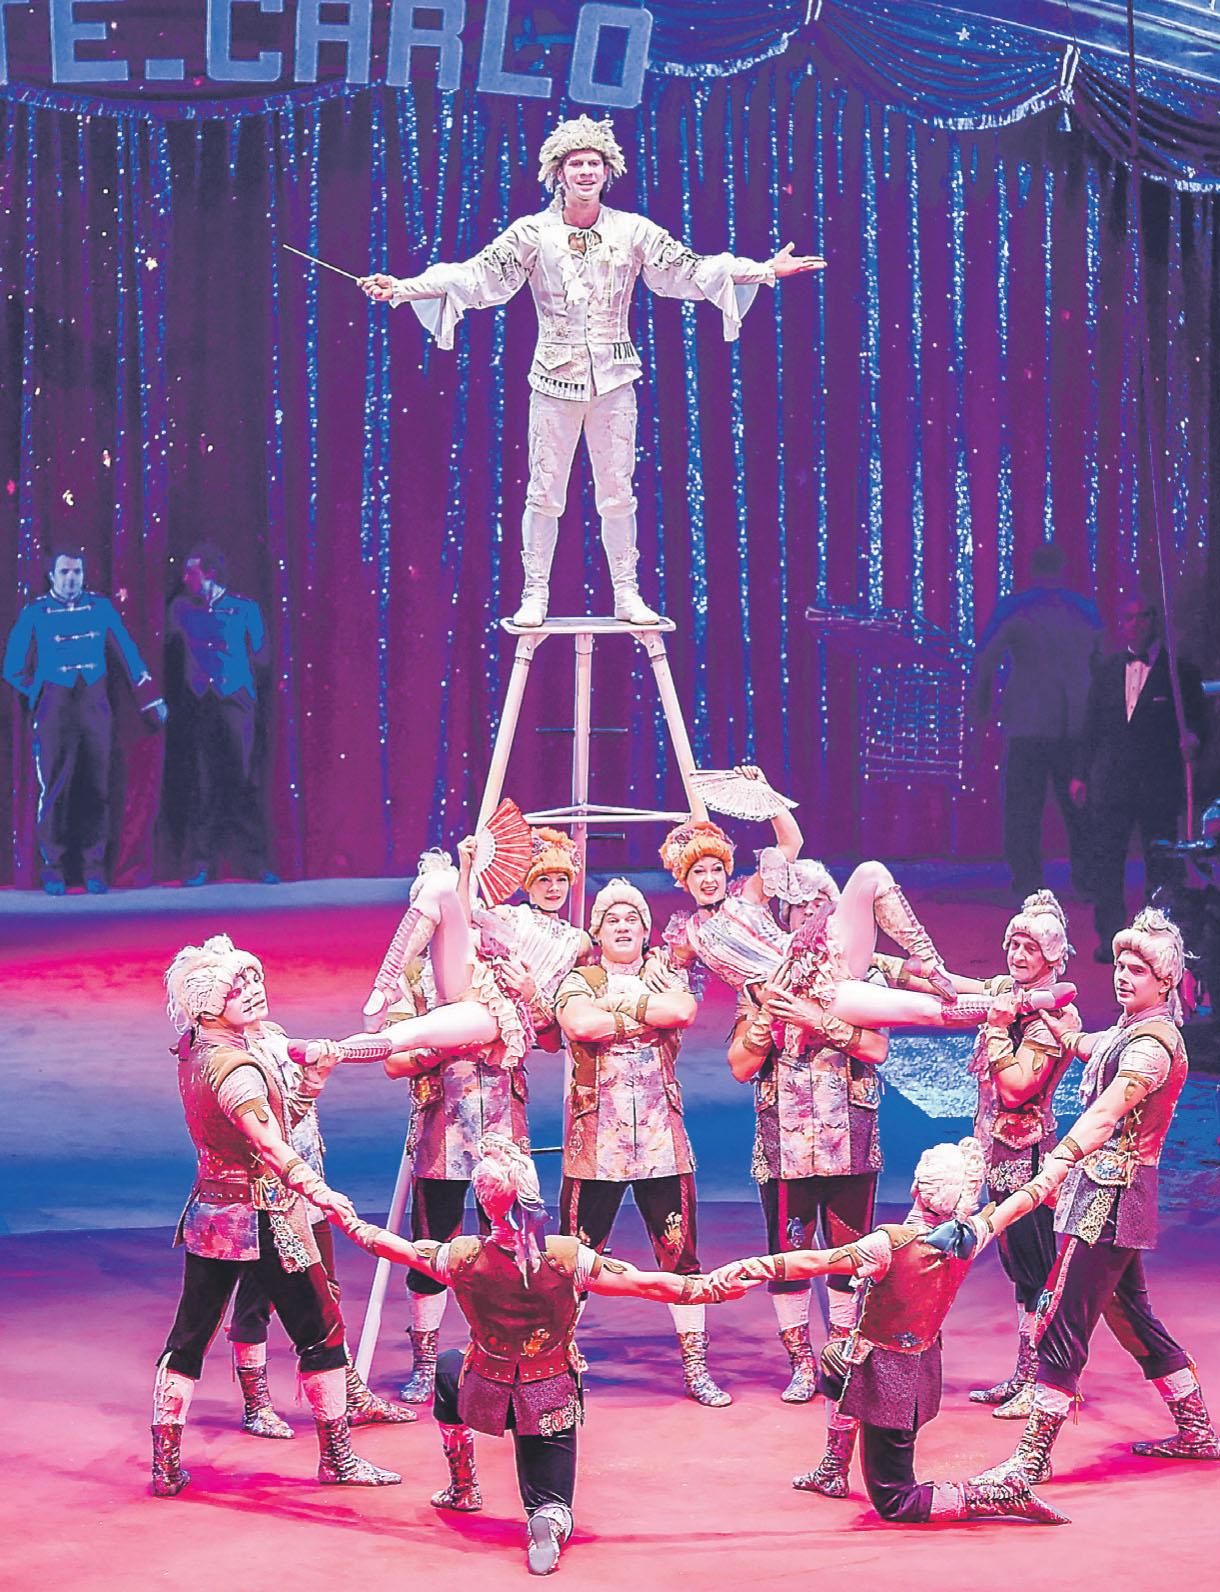 Das Circus-Erlebnis der Extraklasse Image 1